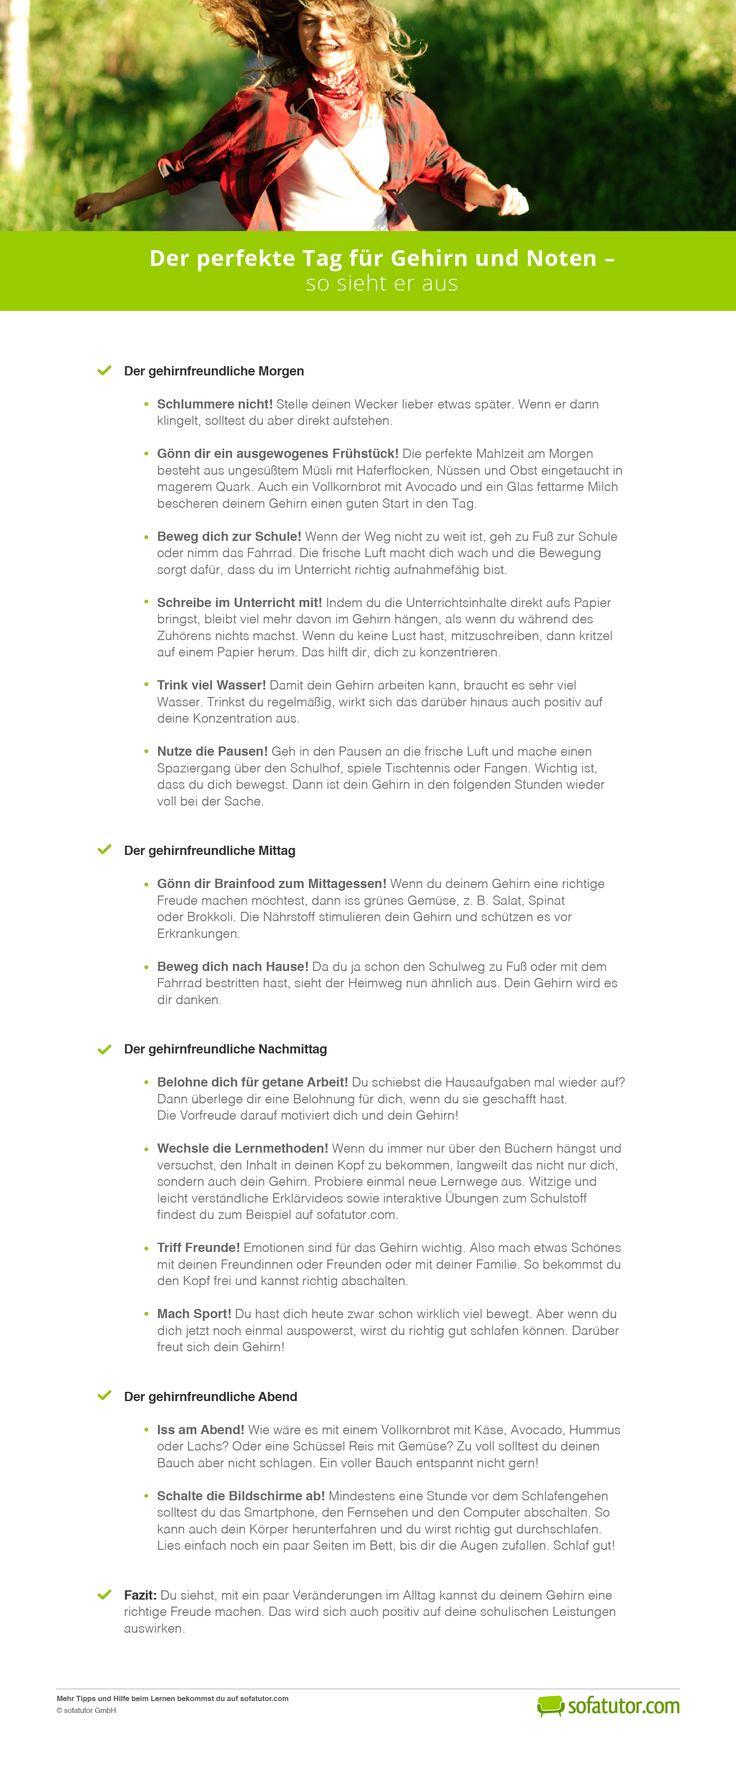 die besten 25 noten pdf ideen auf pinterest kostenlose noten herunterladen notenblatt und noten. Black Bedroom Furniture Sets. Home Design Ideas